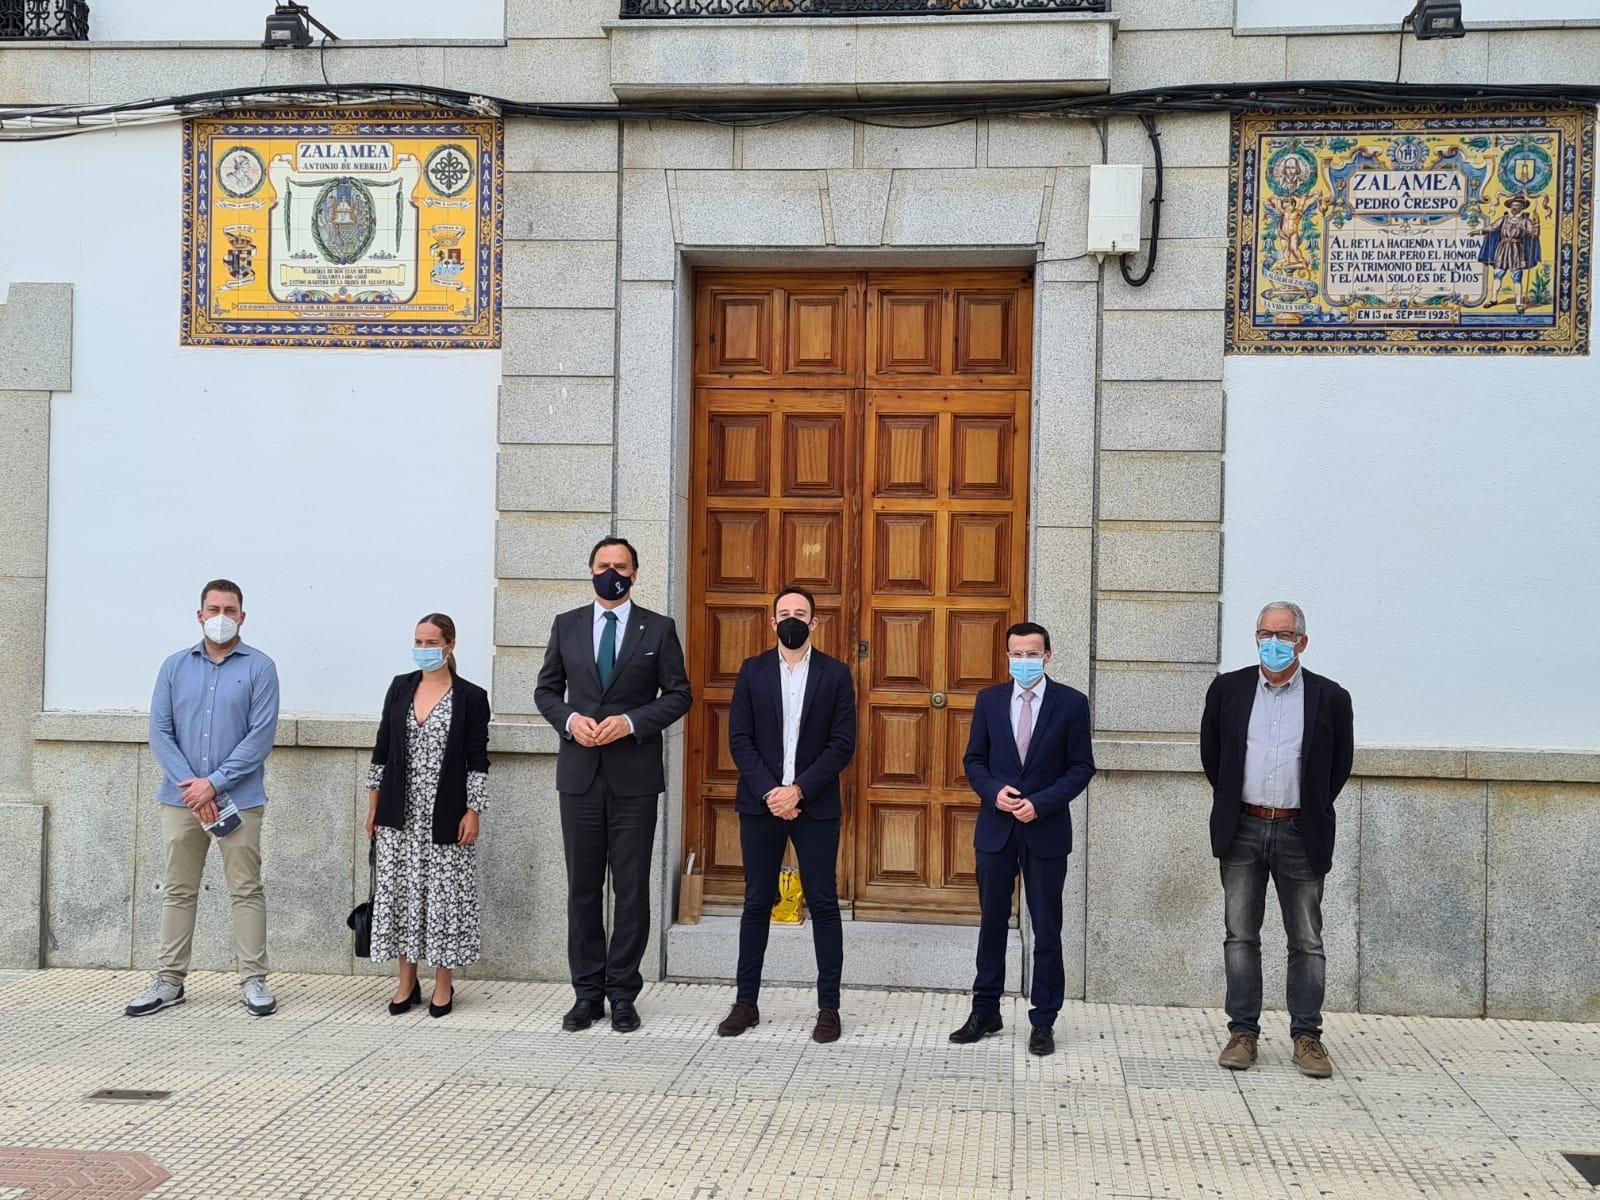 Reunión Alcaldes de Lebrija, Zalamea de la Serena y Villanueva de la Serena y Presidente de la Diputación de Badajoz  (2)